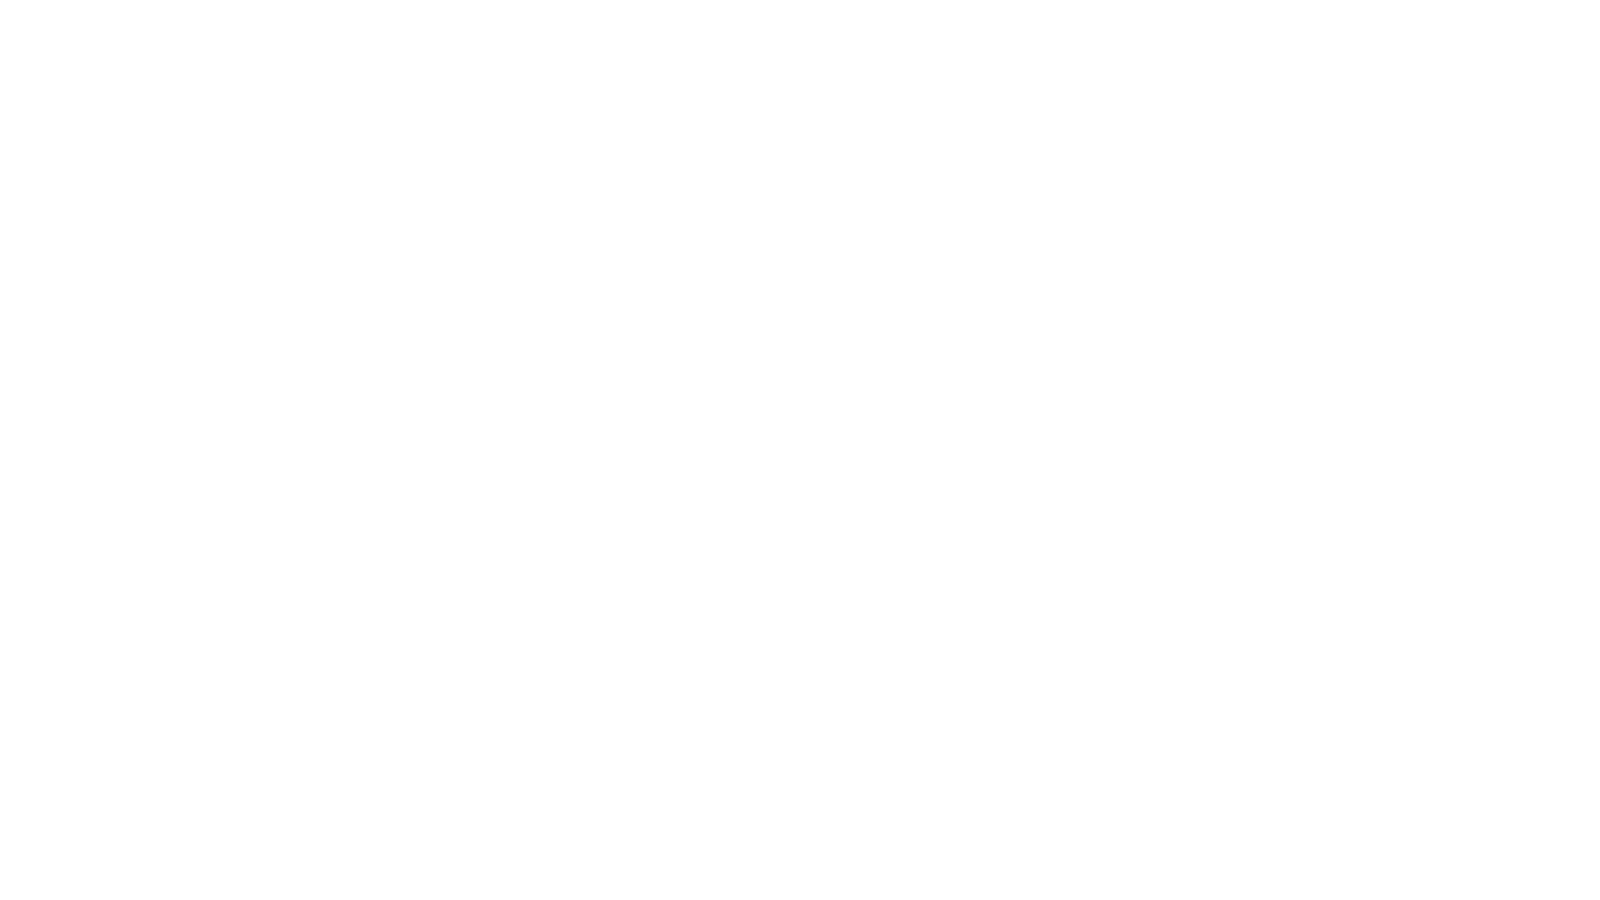 گزارش سافت ویر مارگ در بخش لباس فروشی از صدای امریکا! اگرنیاز به سافت ویر پرزه فروشی پیشرفته و حرفه ای دارید با ما به تماس شوید. آدرس: فاروق بزنس سنتر، چهارراهی دهن باغ، کابل افغانستان. شماره تماس: 0774291300